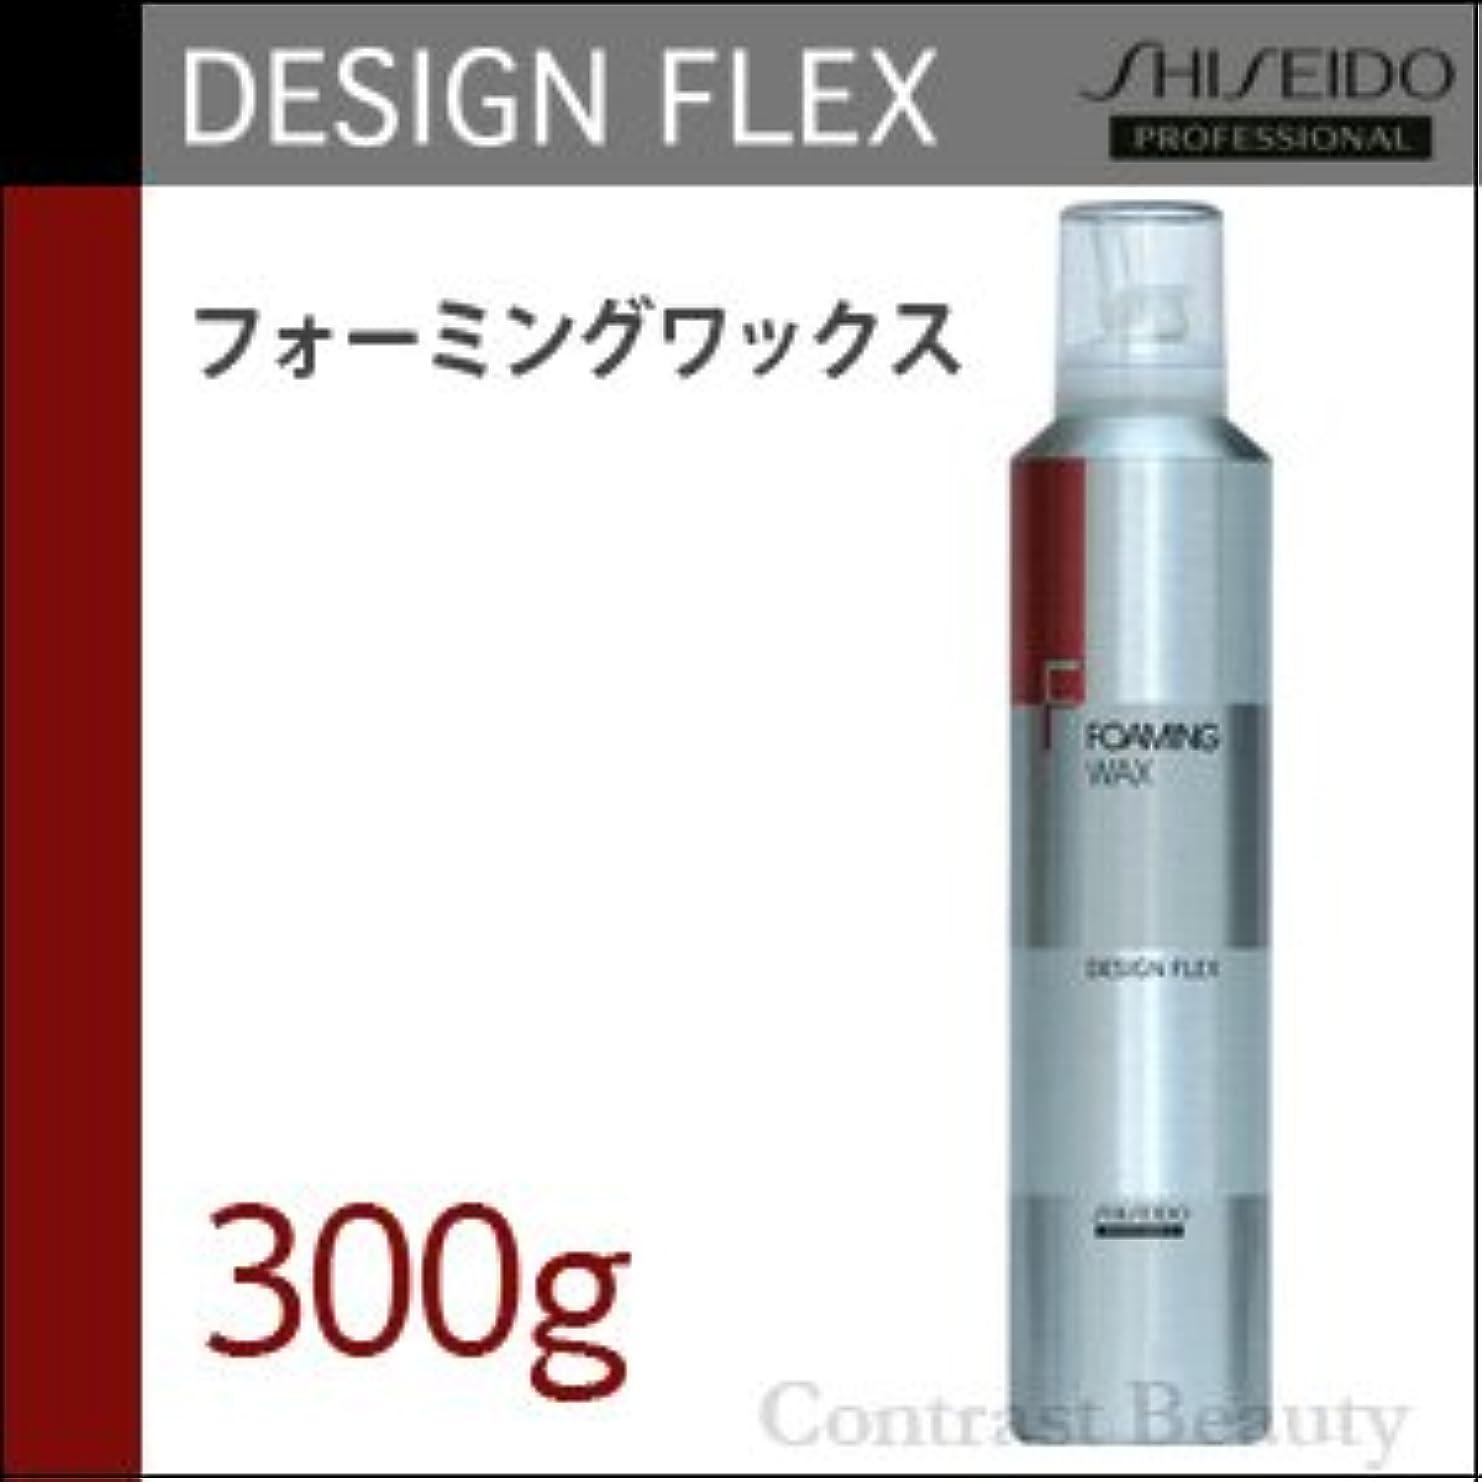 劇的アッティカスミント【x2個セット】 資生堂 デザインフレックス フォーミングワックス 300g